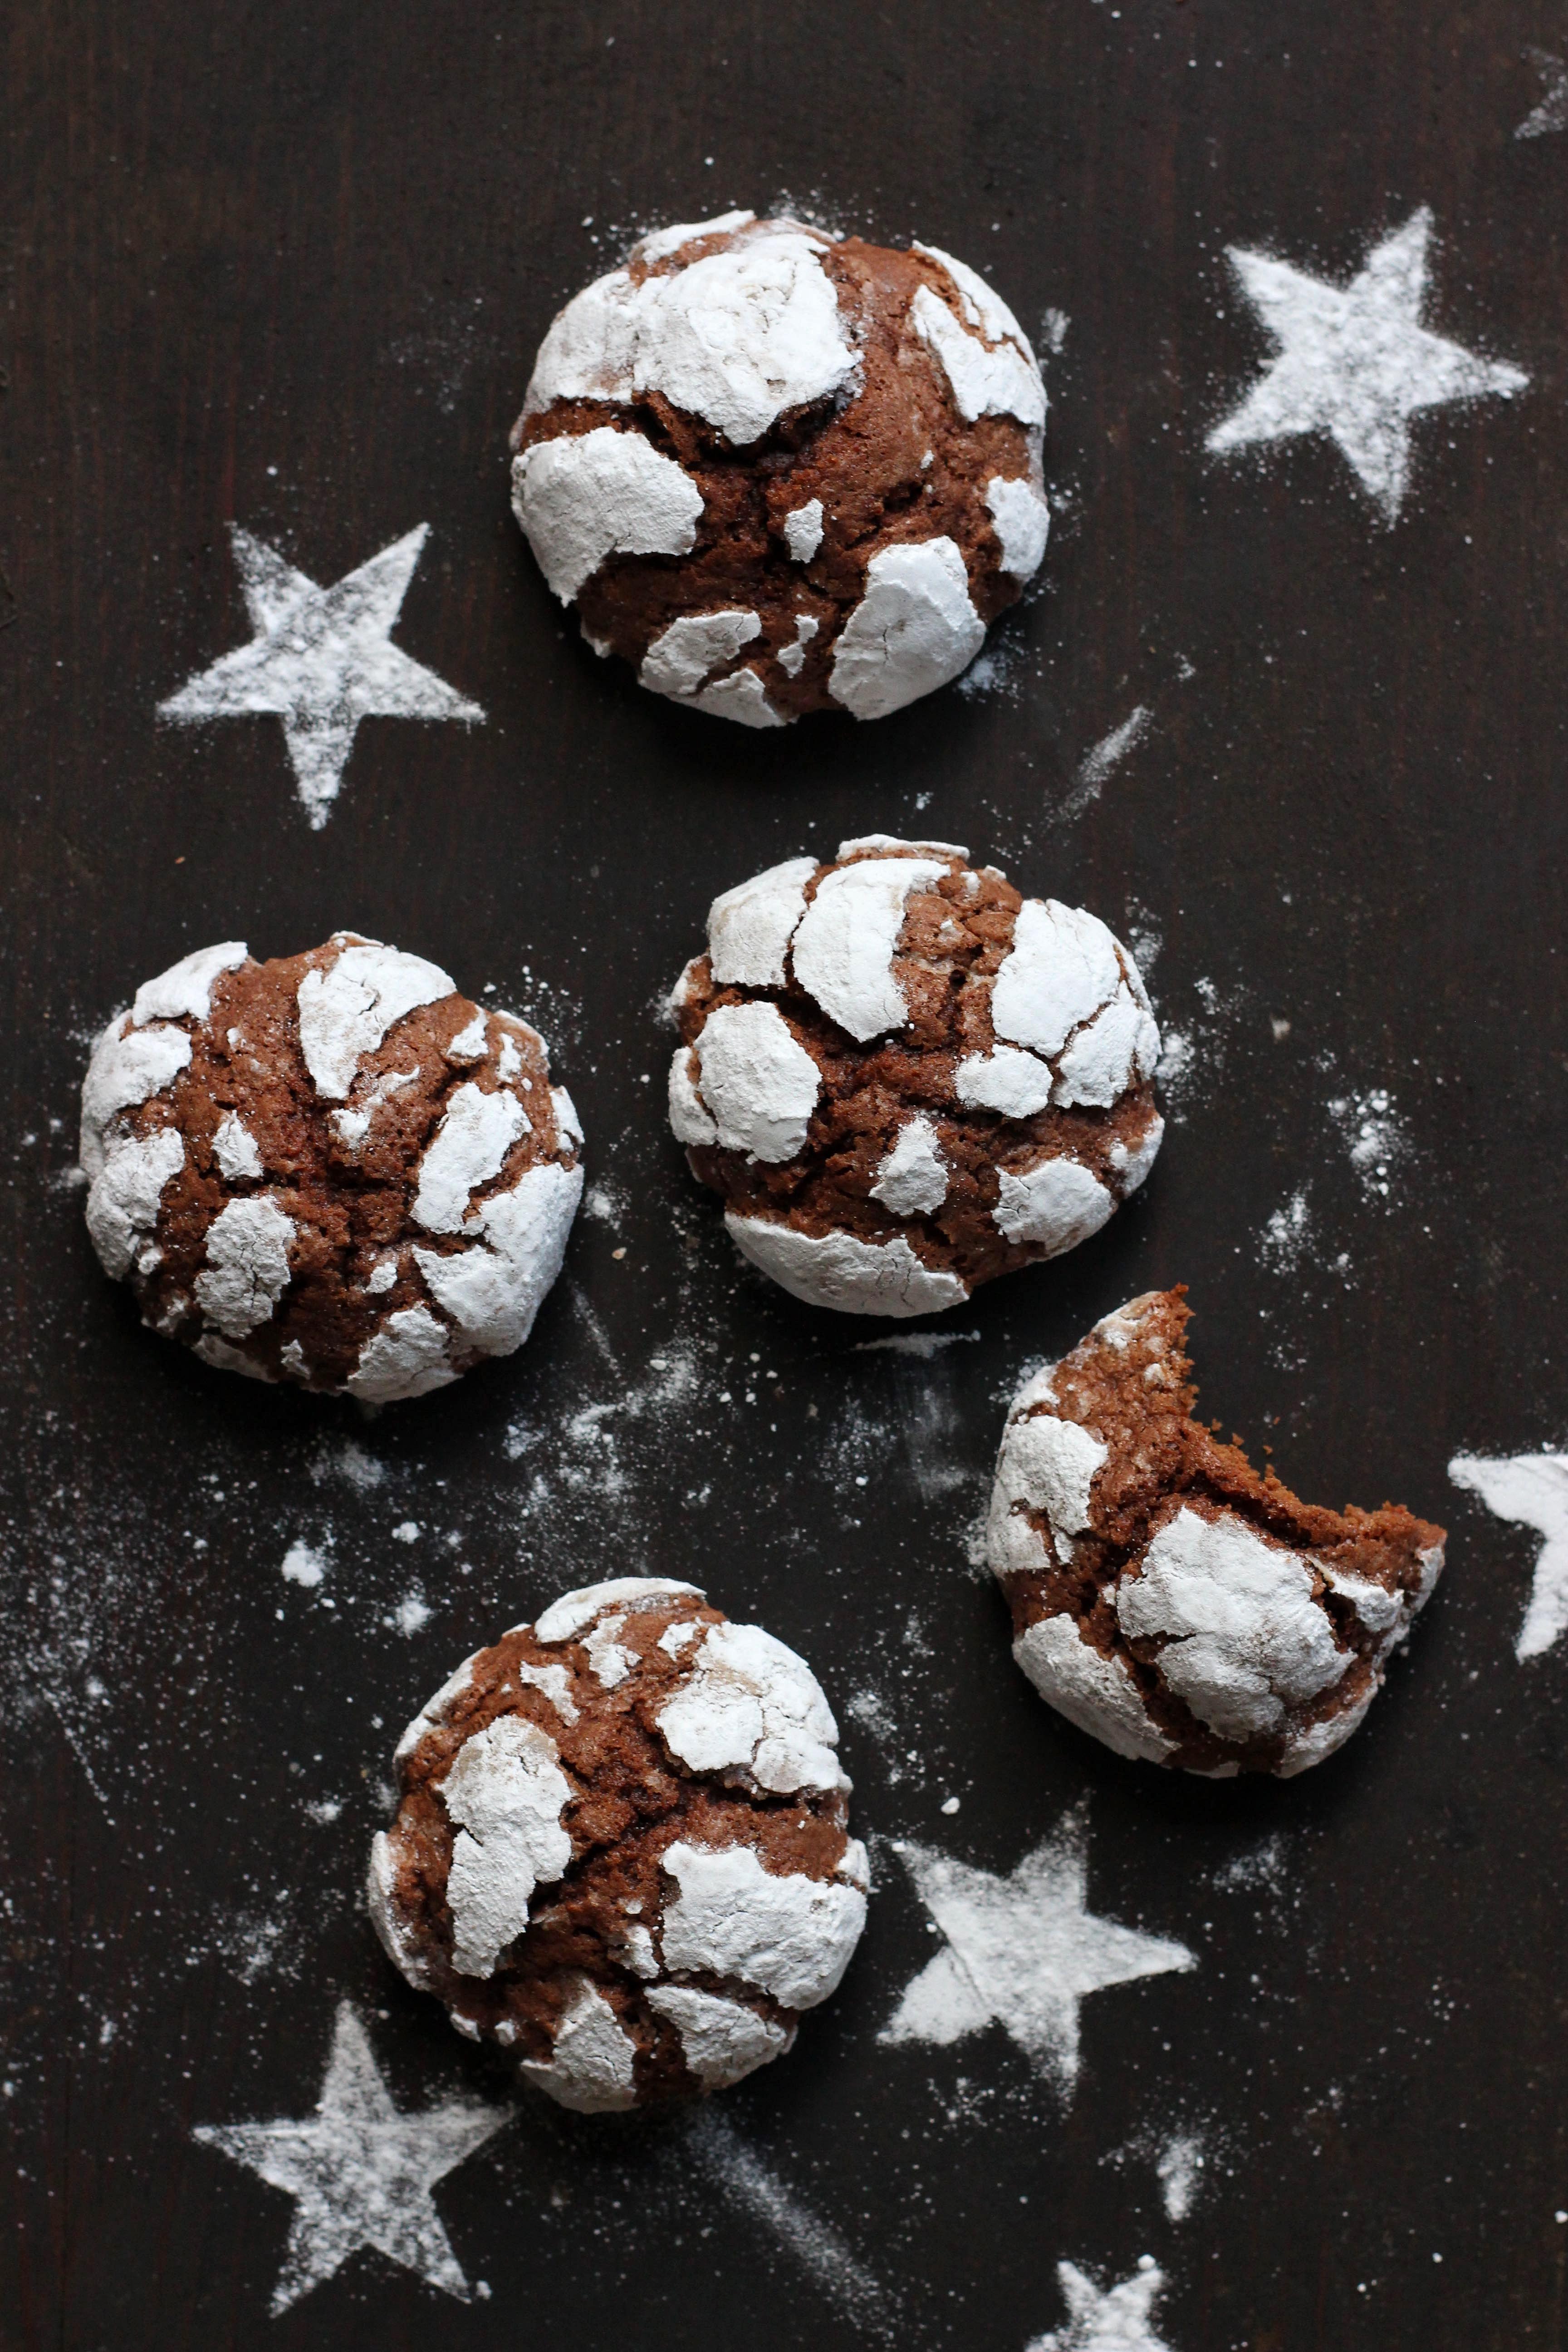 Snowcap Cookies - Einfache Schokoladenkekse ohne Ausstechen Mrs Flury